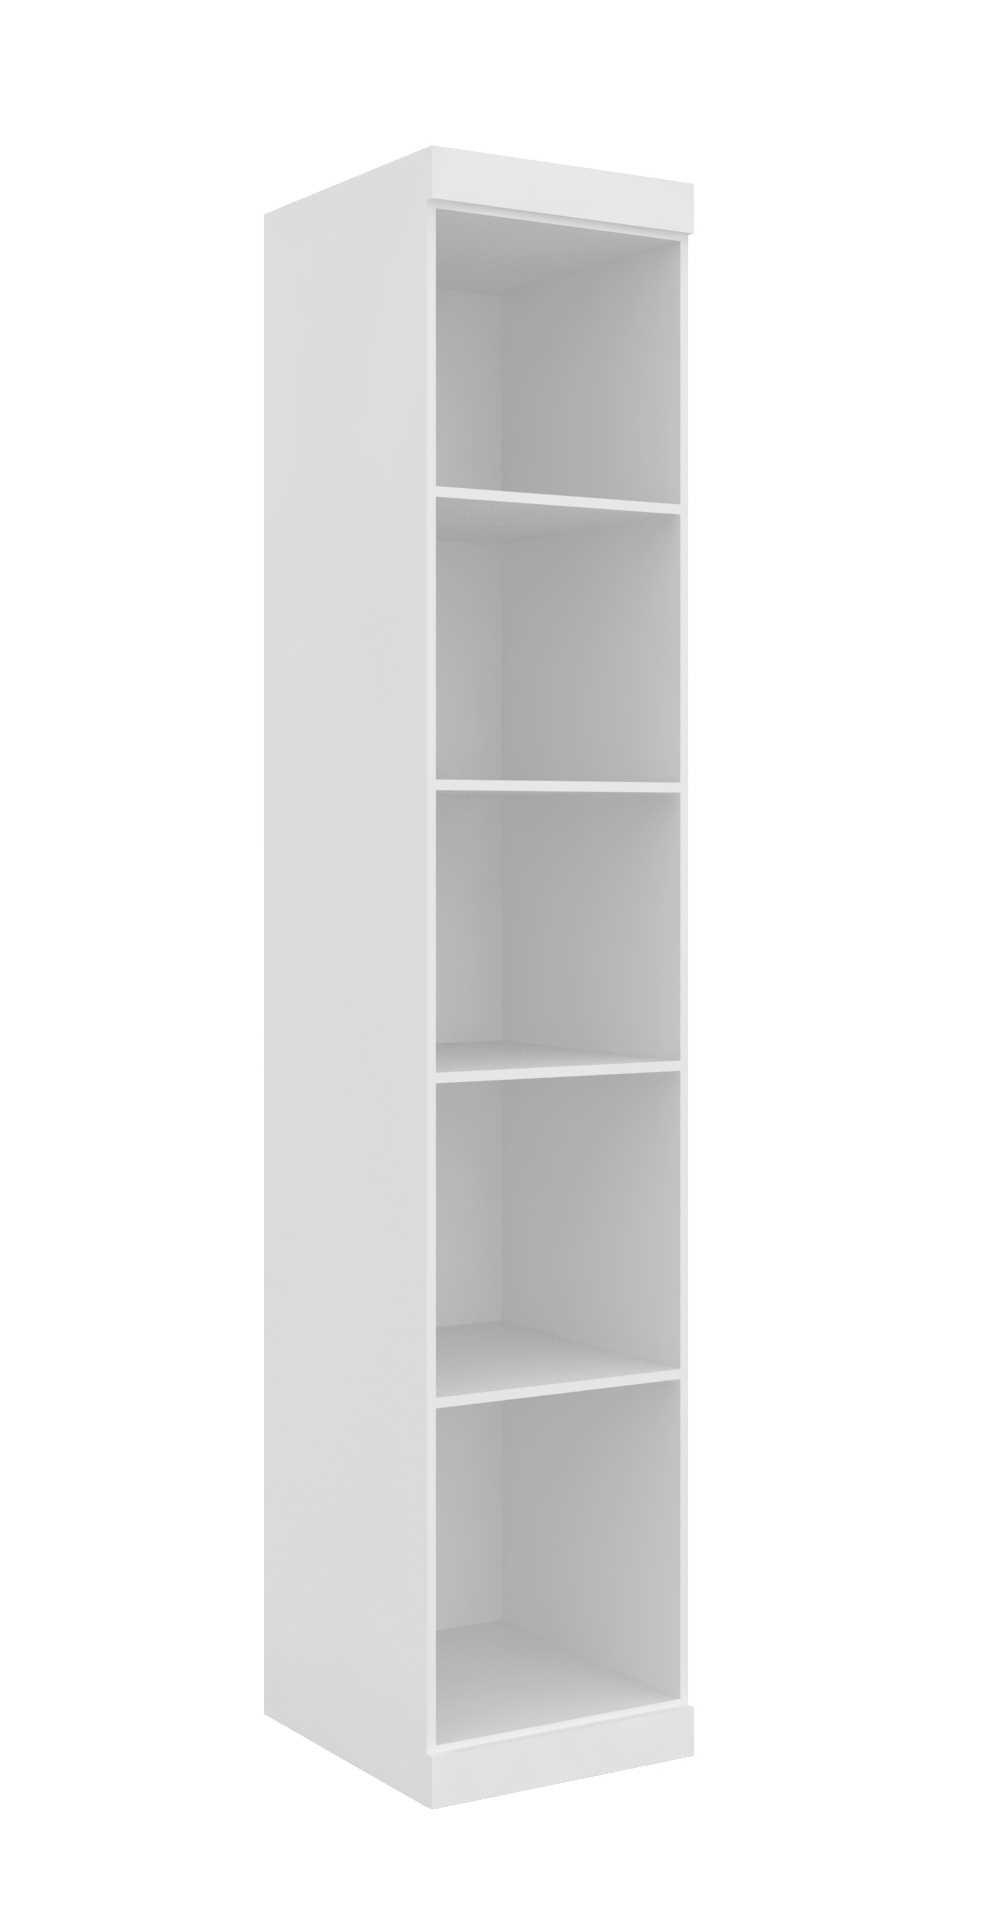 Armário Modulado Supreme 1 Porta Com Prateleiras 45cm II Branco Fosco e Branco Madeirado Robel Móveis